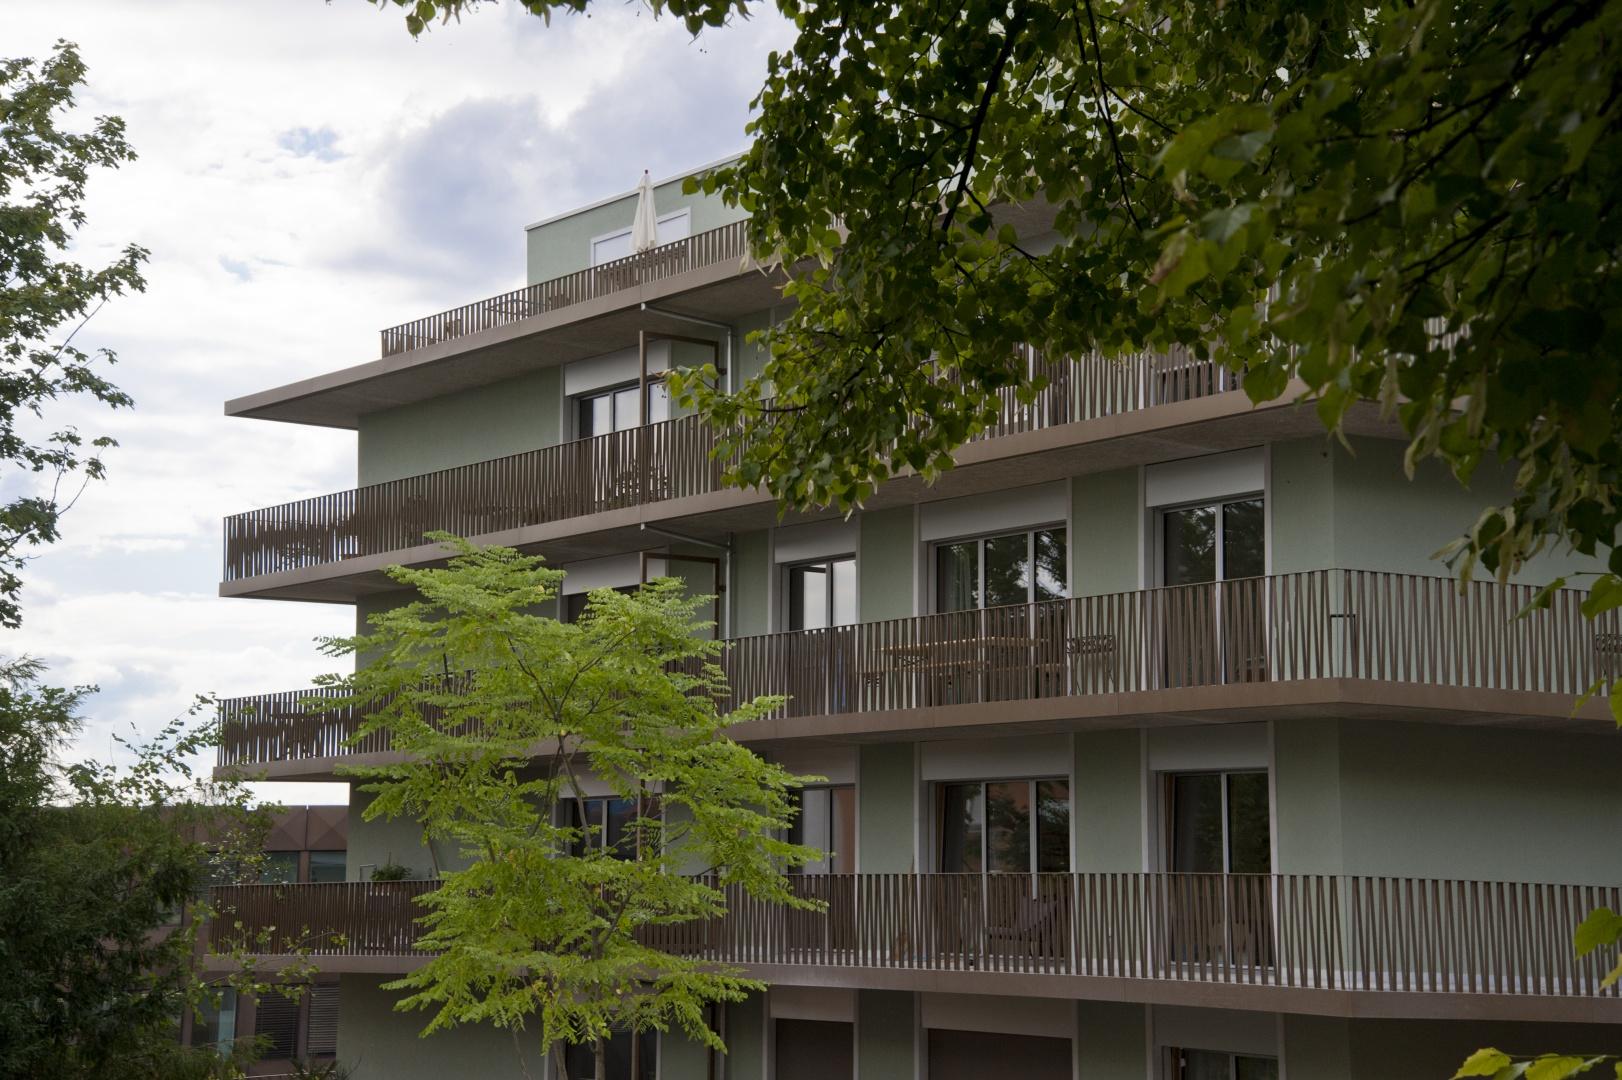 Aussenansicht Osten © Juho Nyberg Architektur GmbH